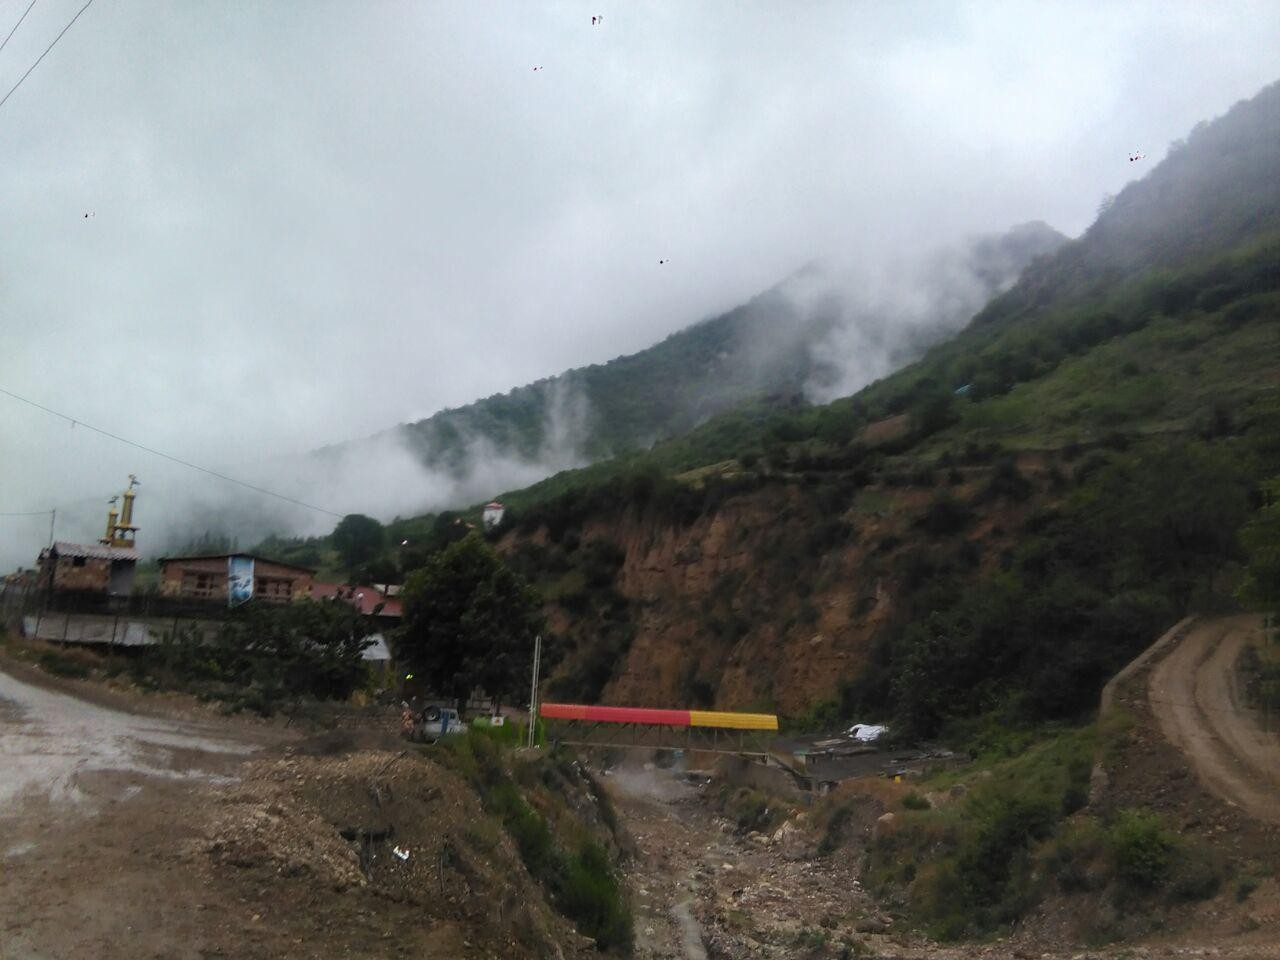 حومه شهر مزل مبله لوکس باچشم انداز زیبا در زیارت